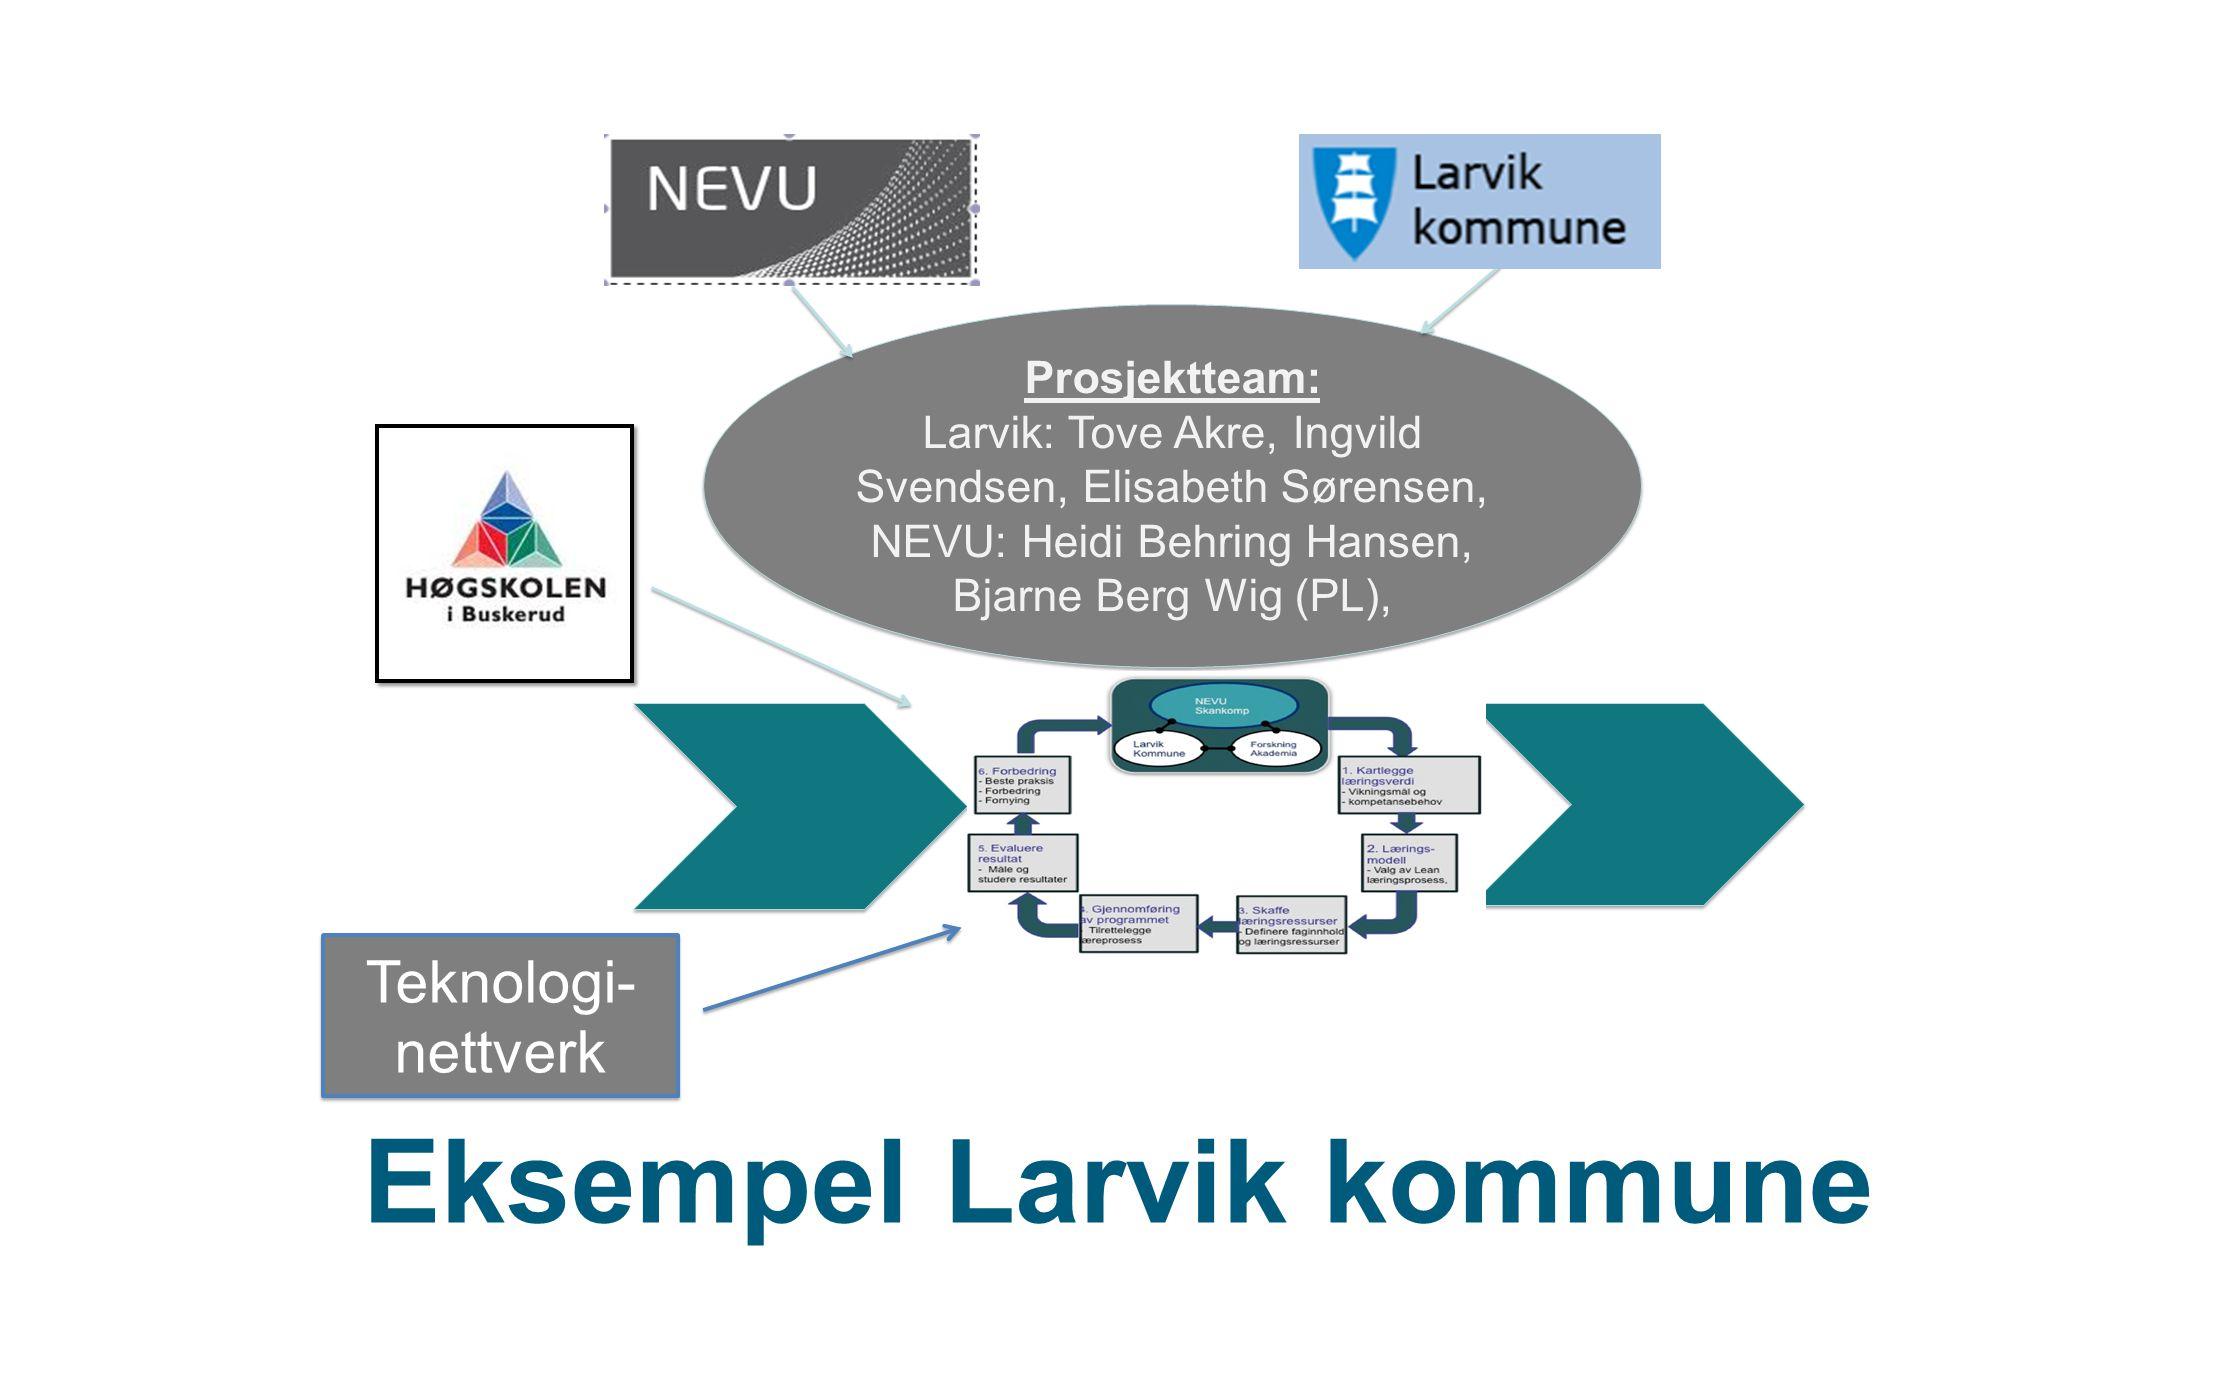 Prosjektteam: Larvik: Tove Akre, Ingvild Svendsen, Elisabeth Sørensen, NEVU: Heidi Behring Hansen, Bjarne Berg Wig (PL), Prosjektteam: Larvik: Tove Ak